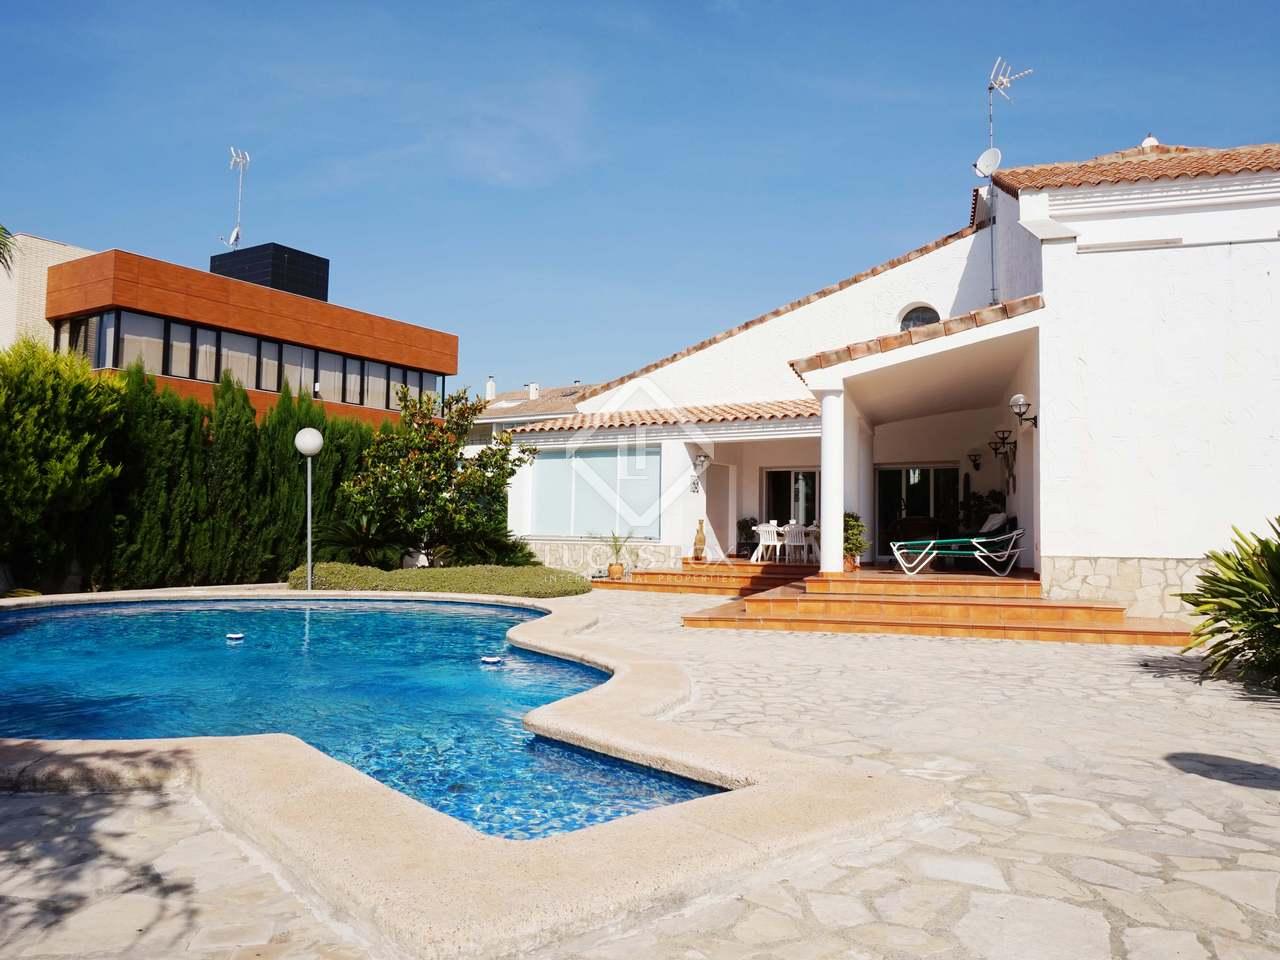 Villa de estilo ibicenco en venta en alfinach valencia for Villas valencia